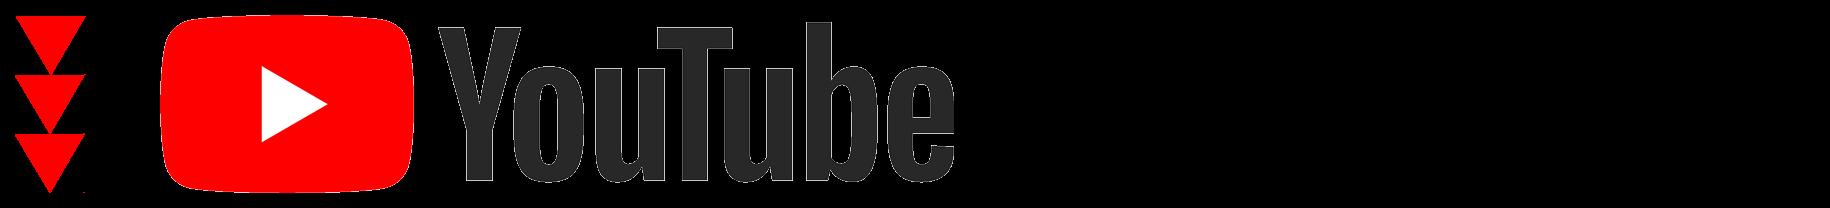 ↓ 指揮者 林 直之YouTube公式チャンネル登録はこちら